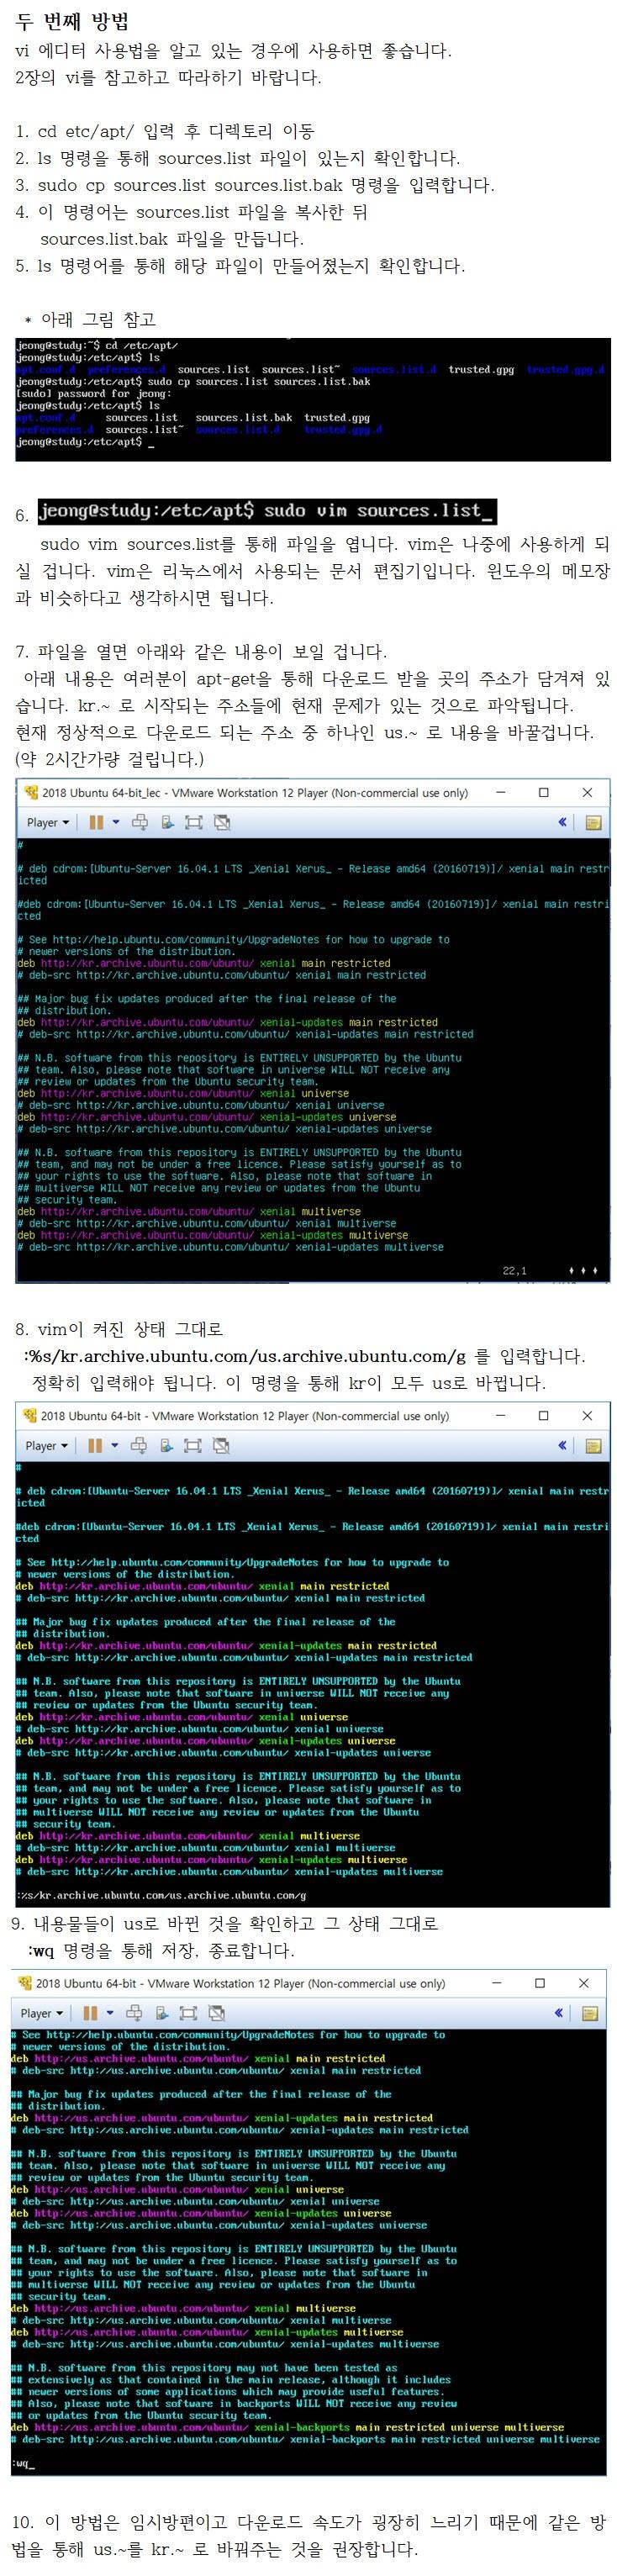 ubuntu-desktop 설치 오류 발생시 해결법002.jpg